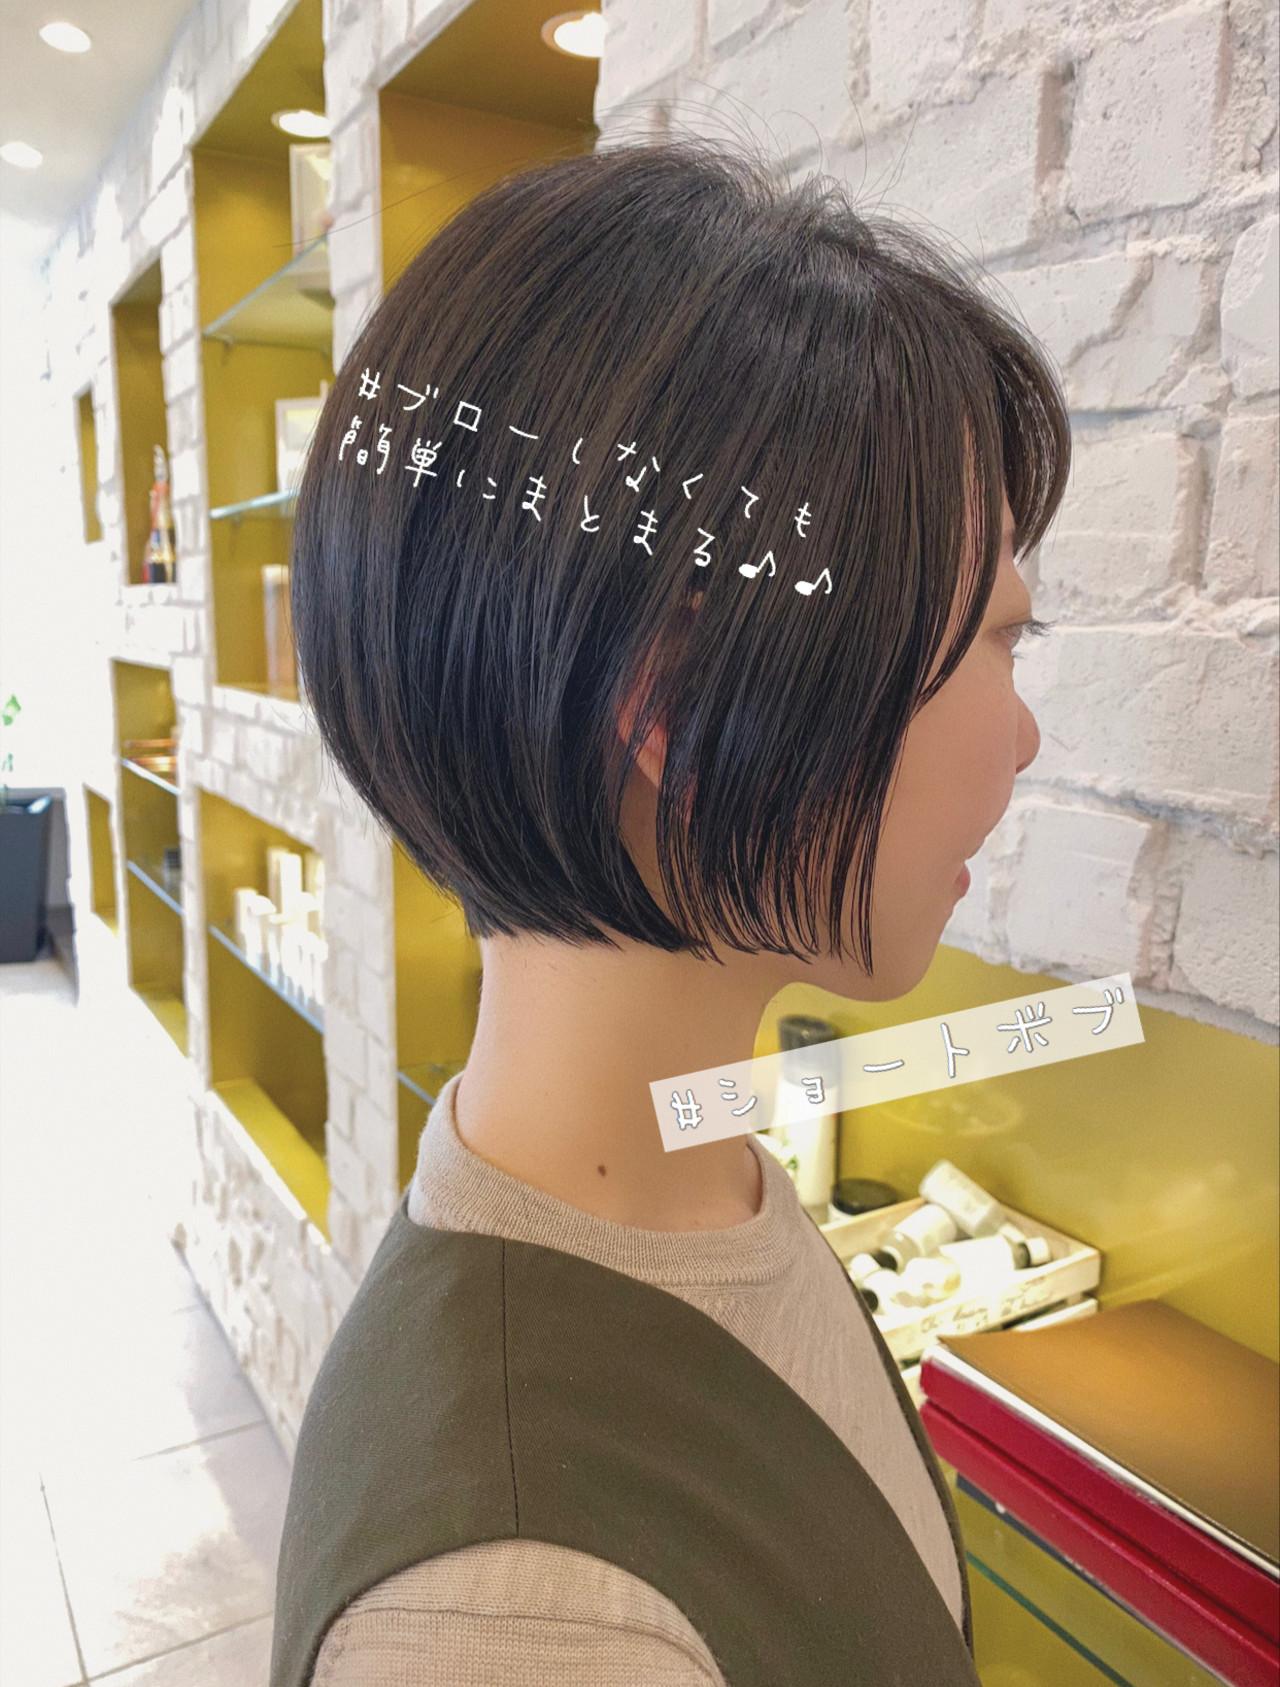 ショート 丸みショート ナチュラル デート ヘアスタイルや髪型の写真・画像 | 石川有里彩 / リュドール栄